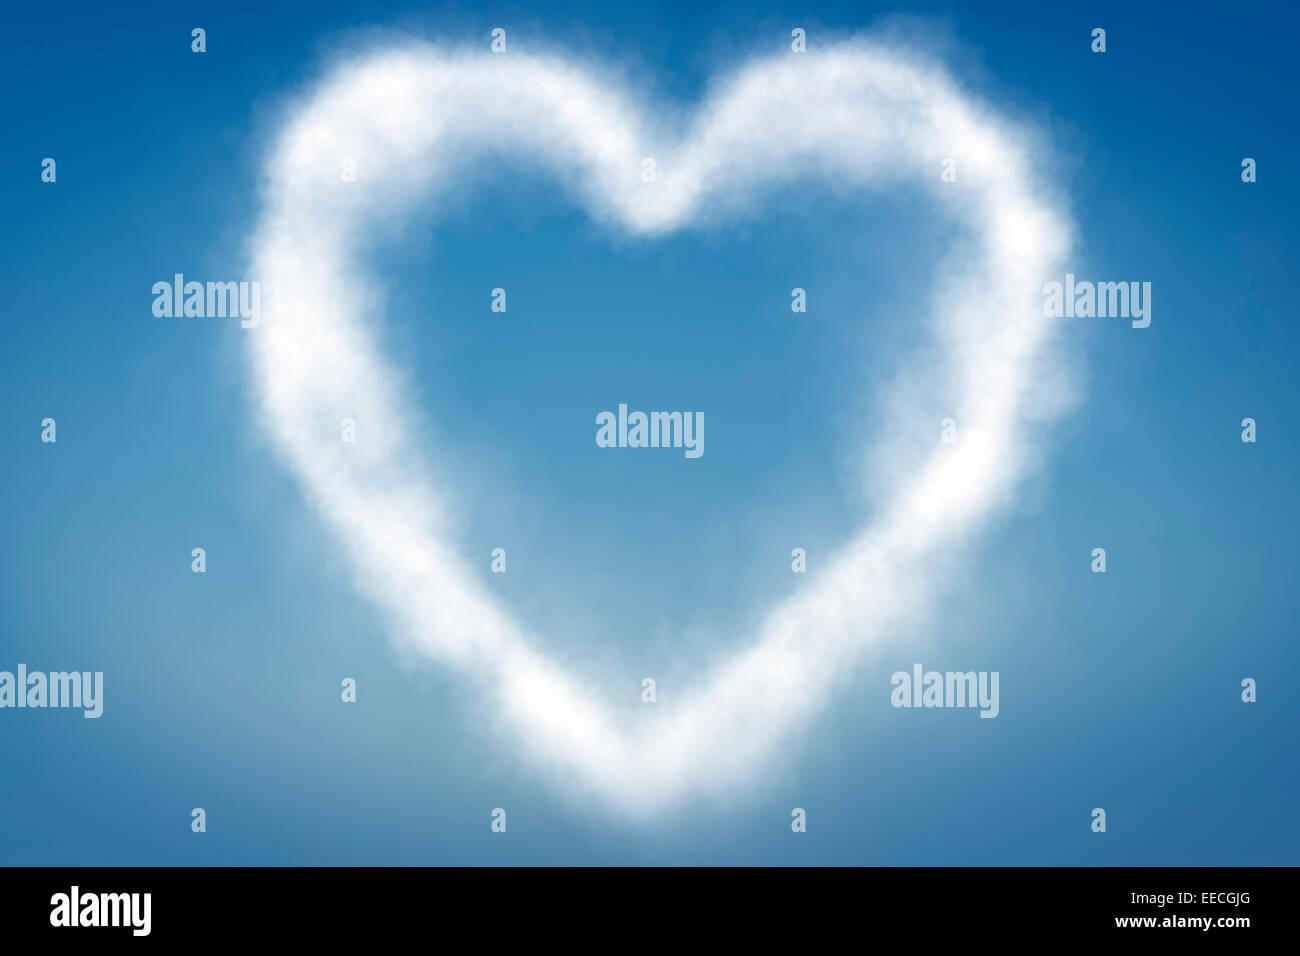 heart shape cloud in sky stock photos & heart shape cloud in sky